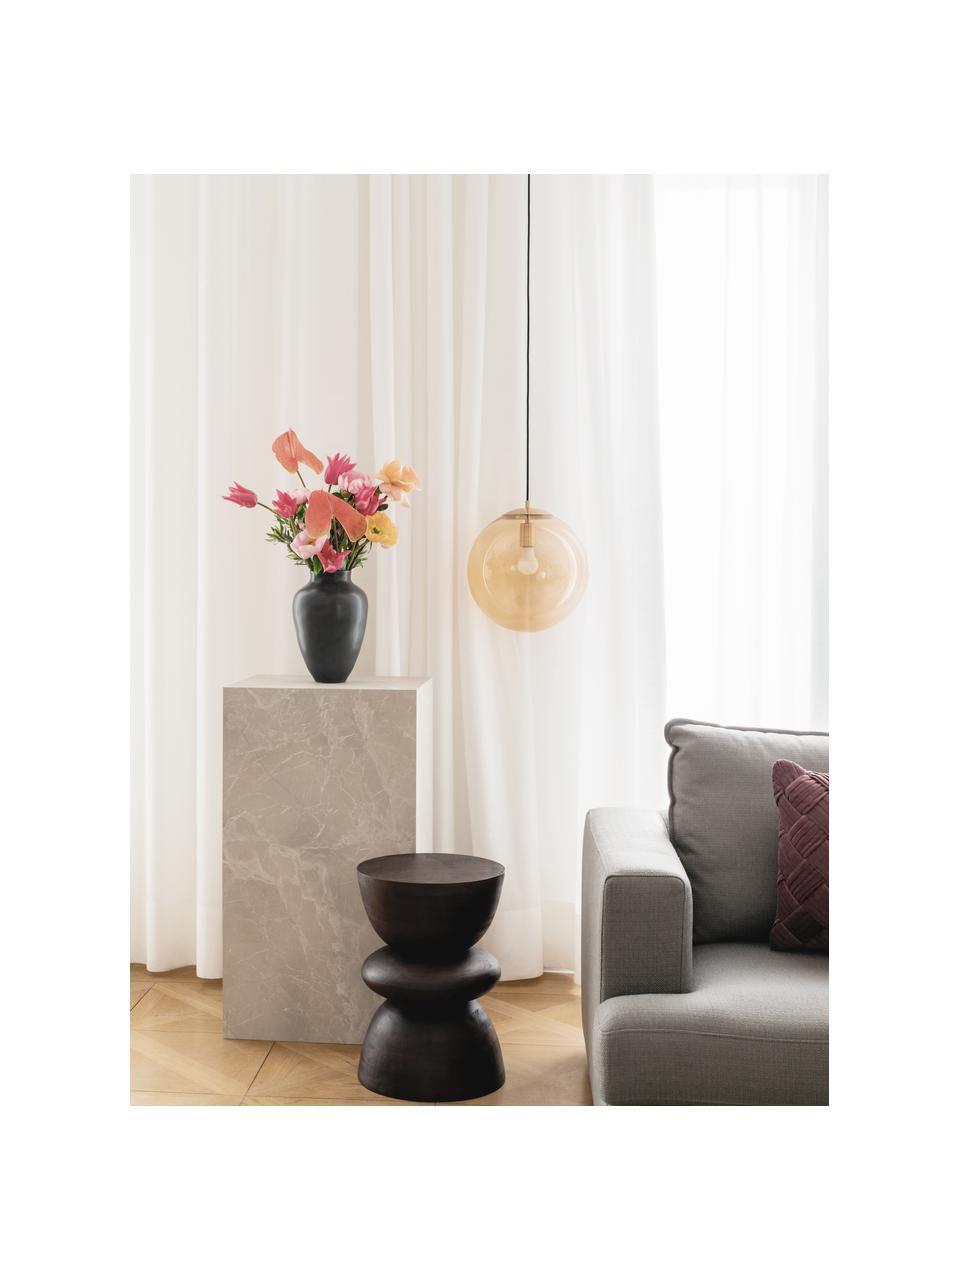 Tavolino da salotto effetto travertino Lesley, Pannello di fibra a media densità (MDF) rivestito con foglio di melamina, Beige effetto travertino, Larg. 90 x Alt. 40 cm